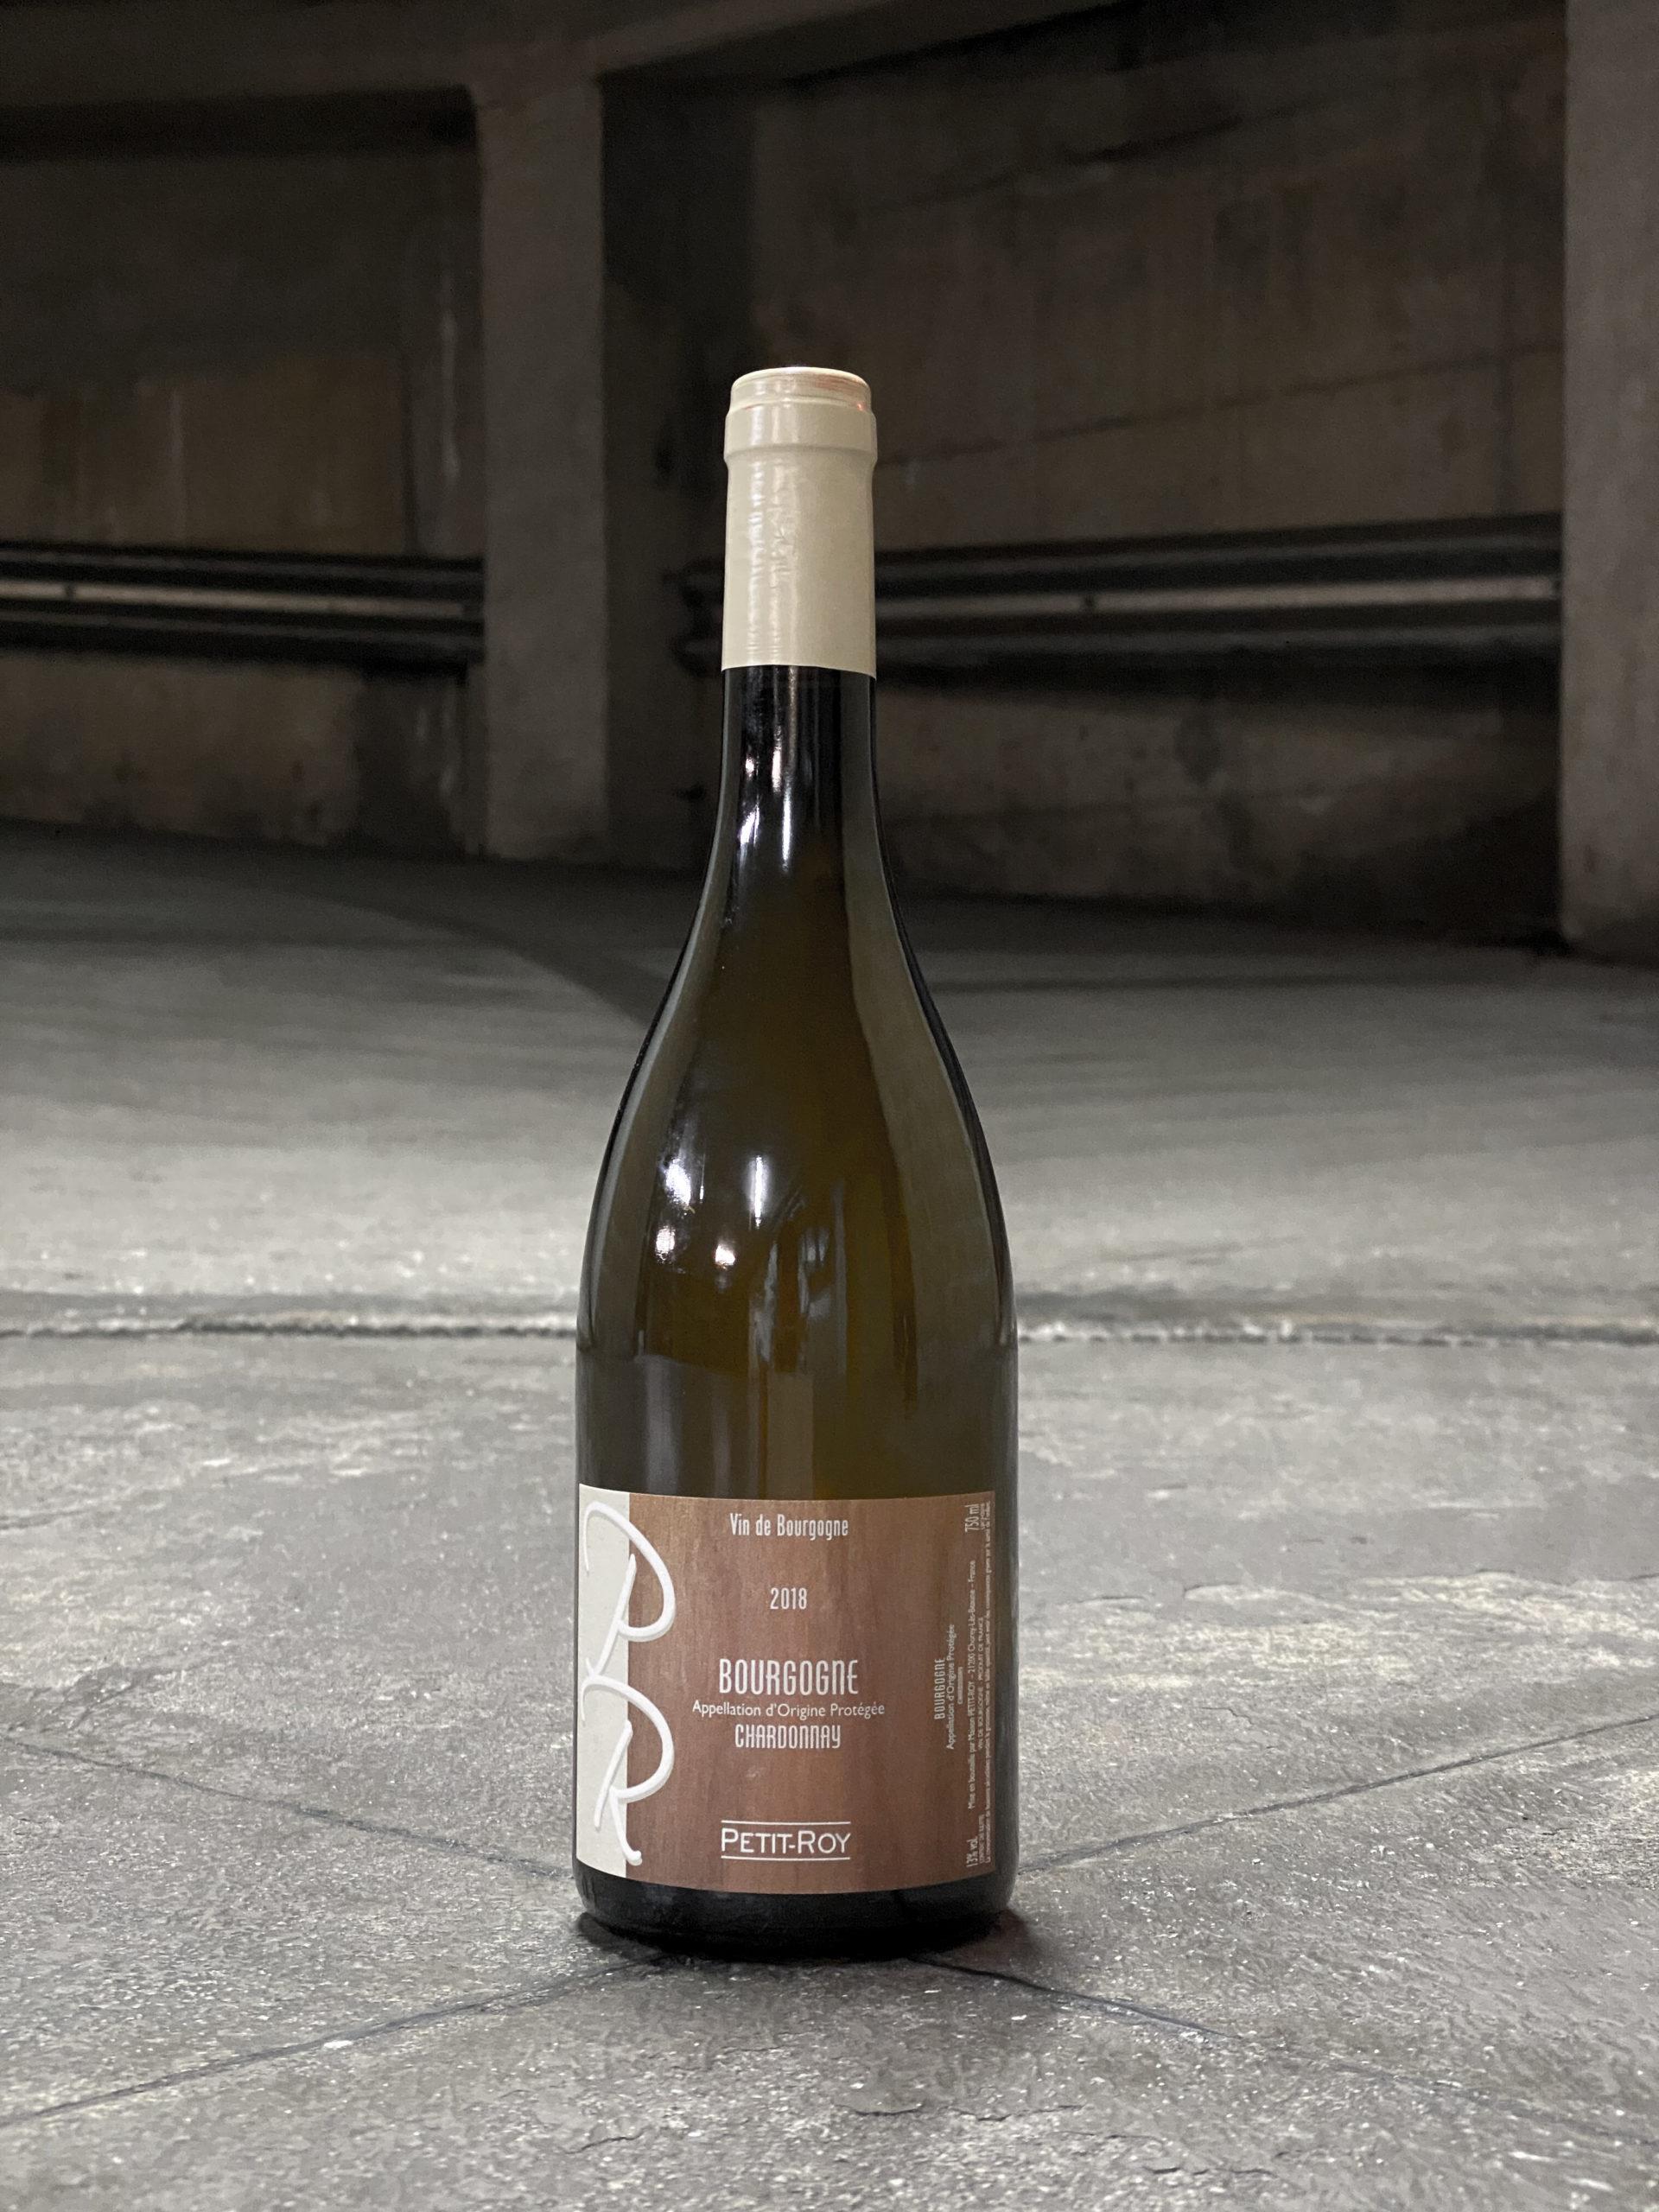 Petit Roy Bourgogne Chardonnay